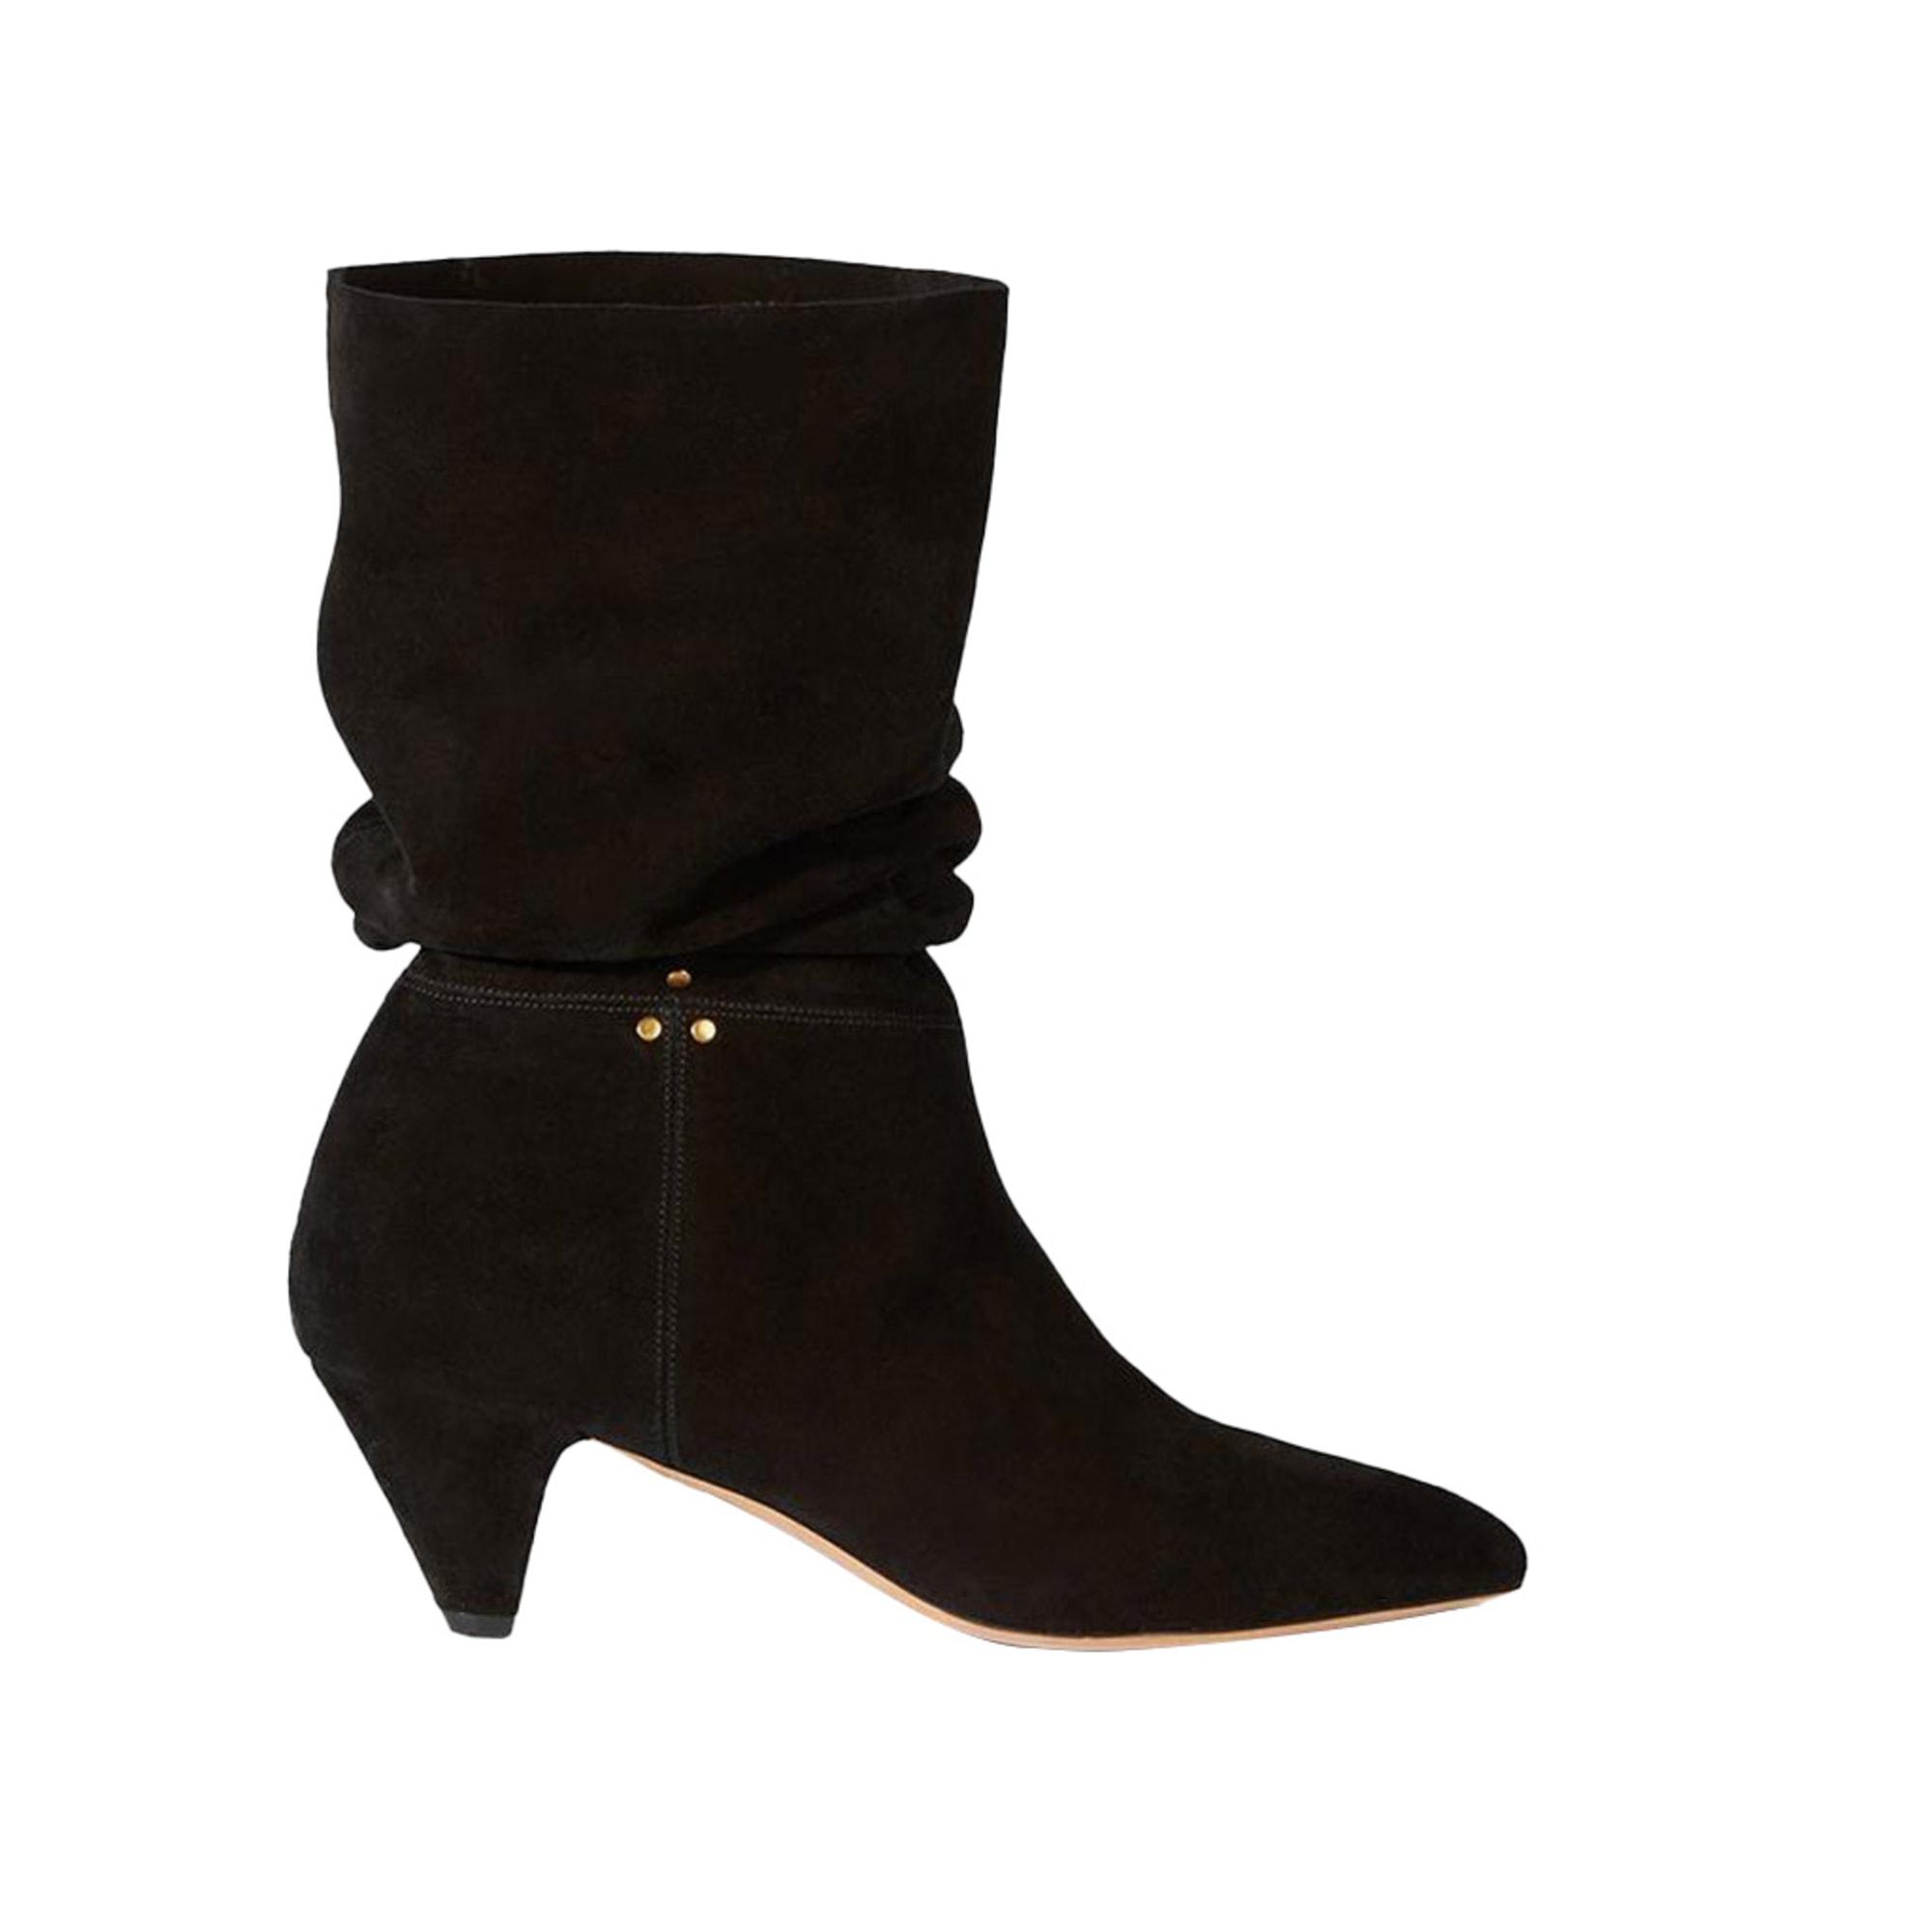 High Heel Boots JEROME DREYFUSS Black